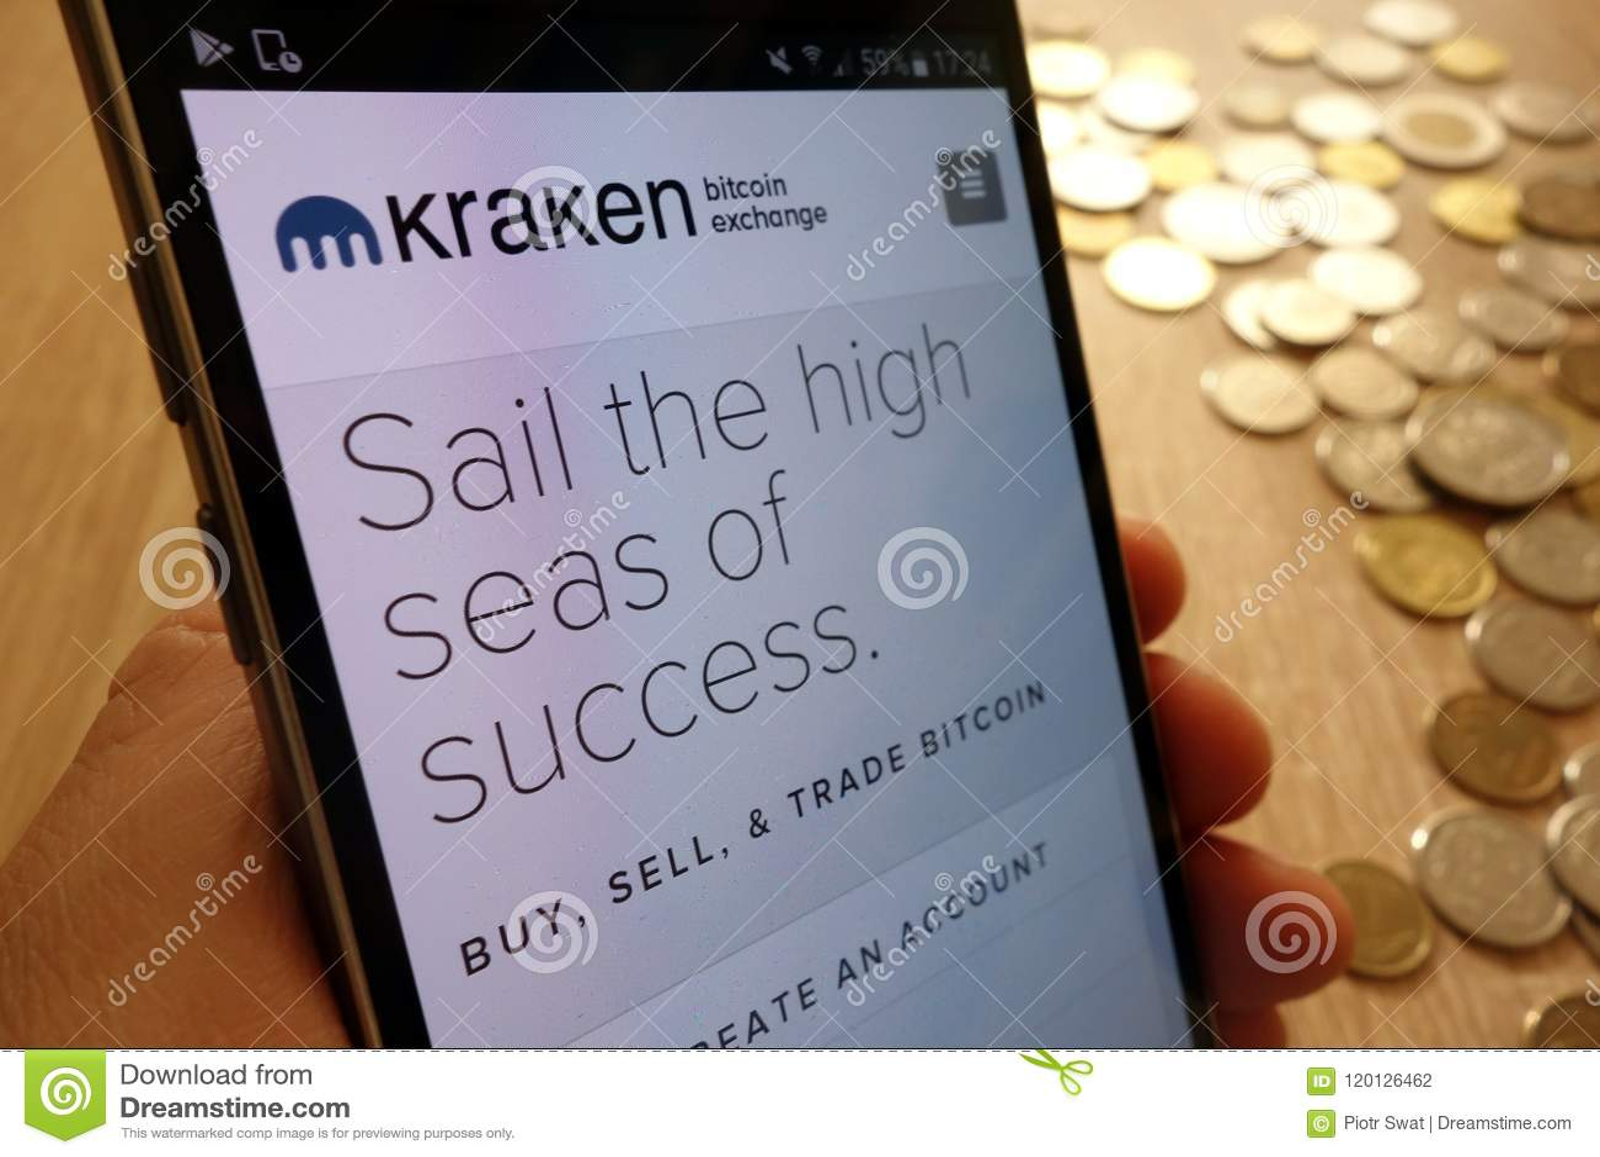 kraken buy coins